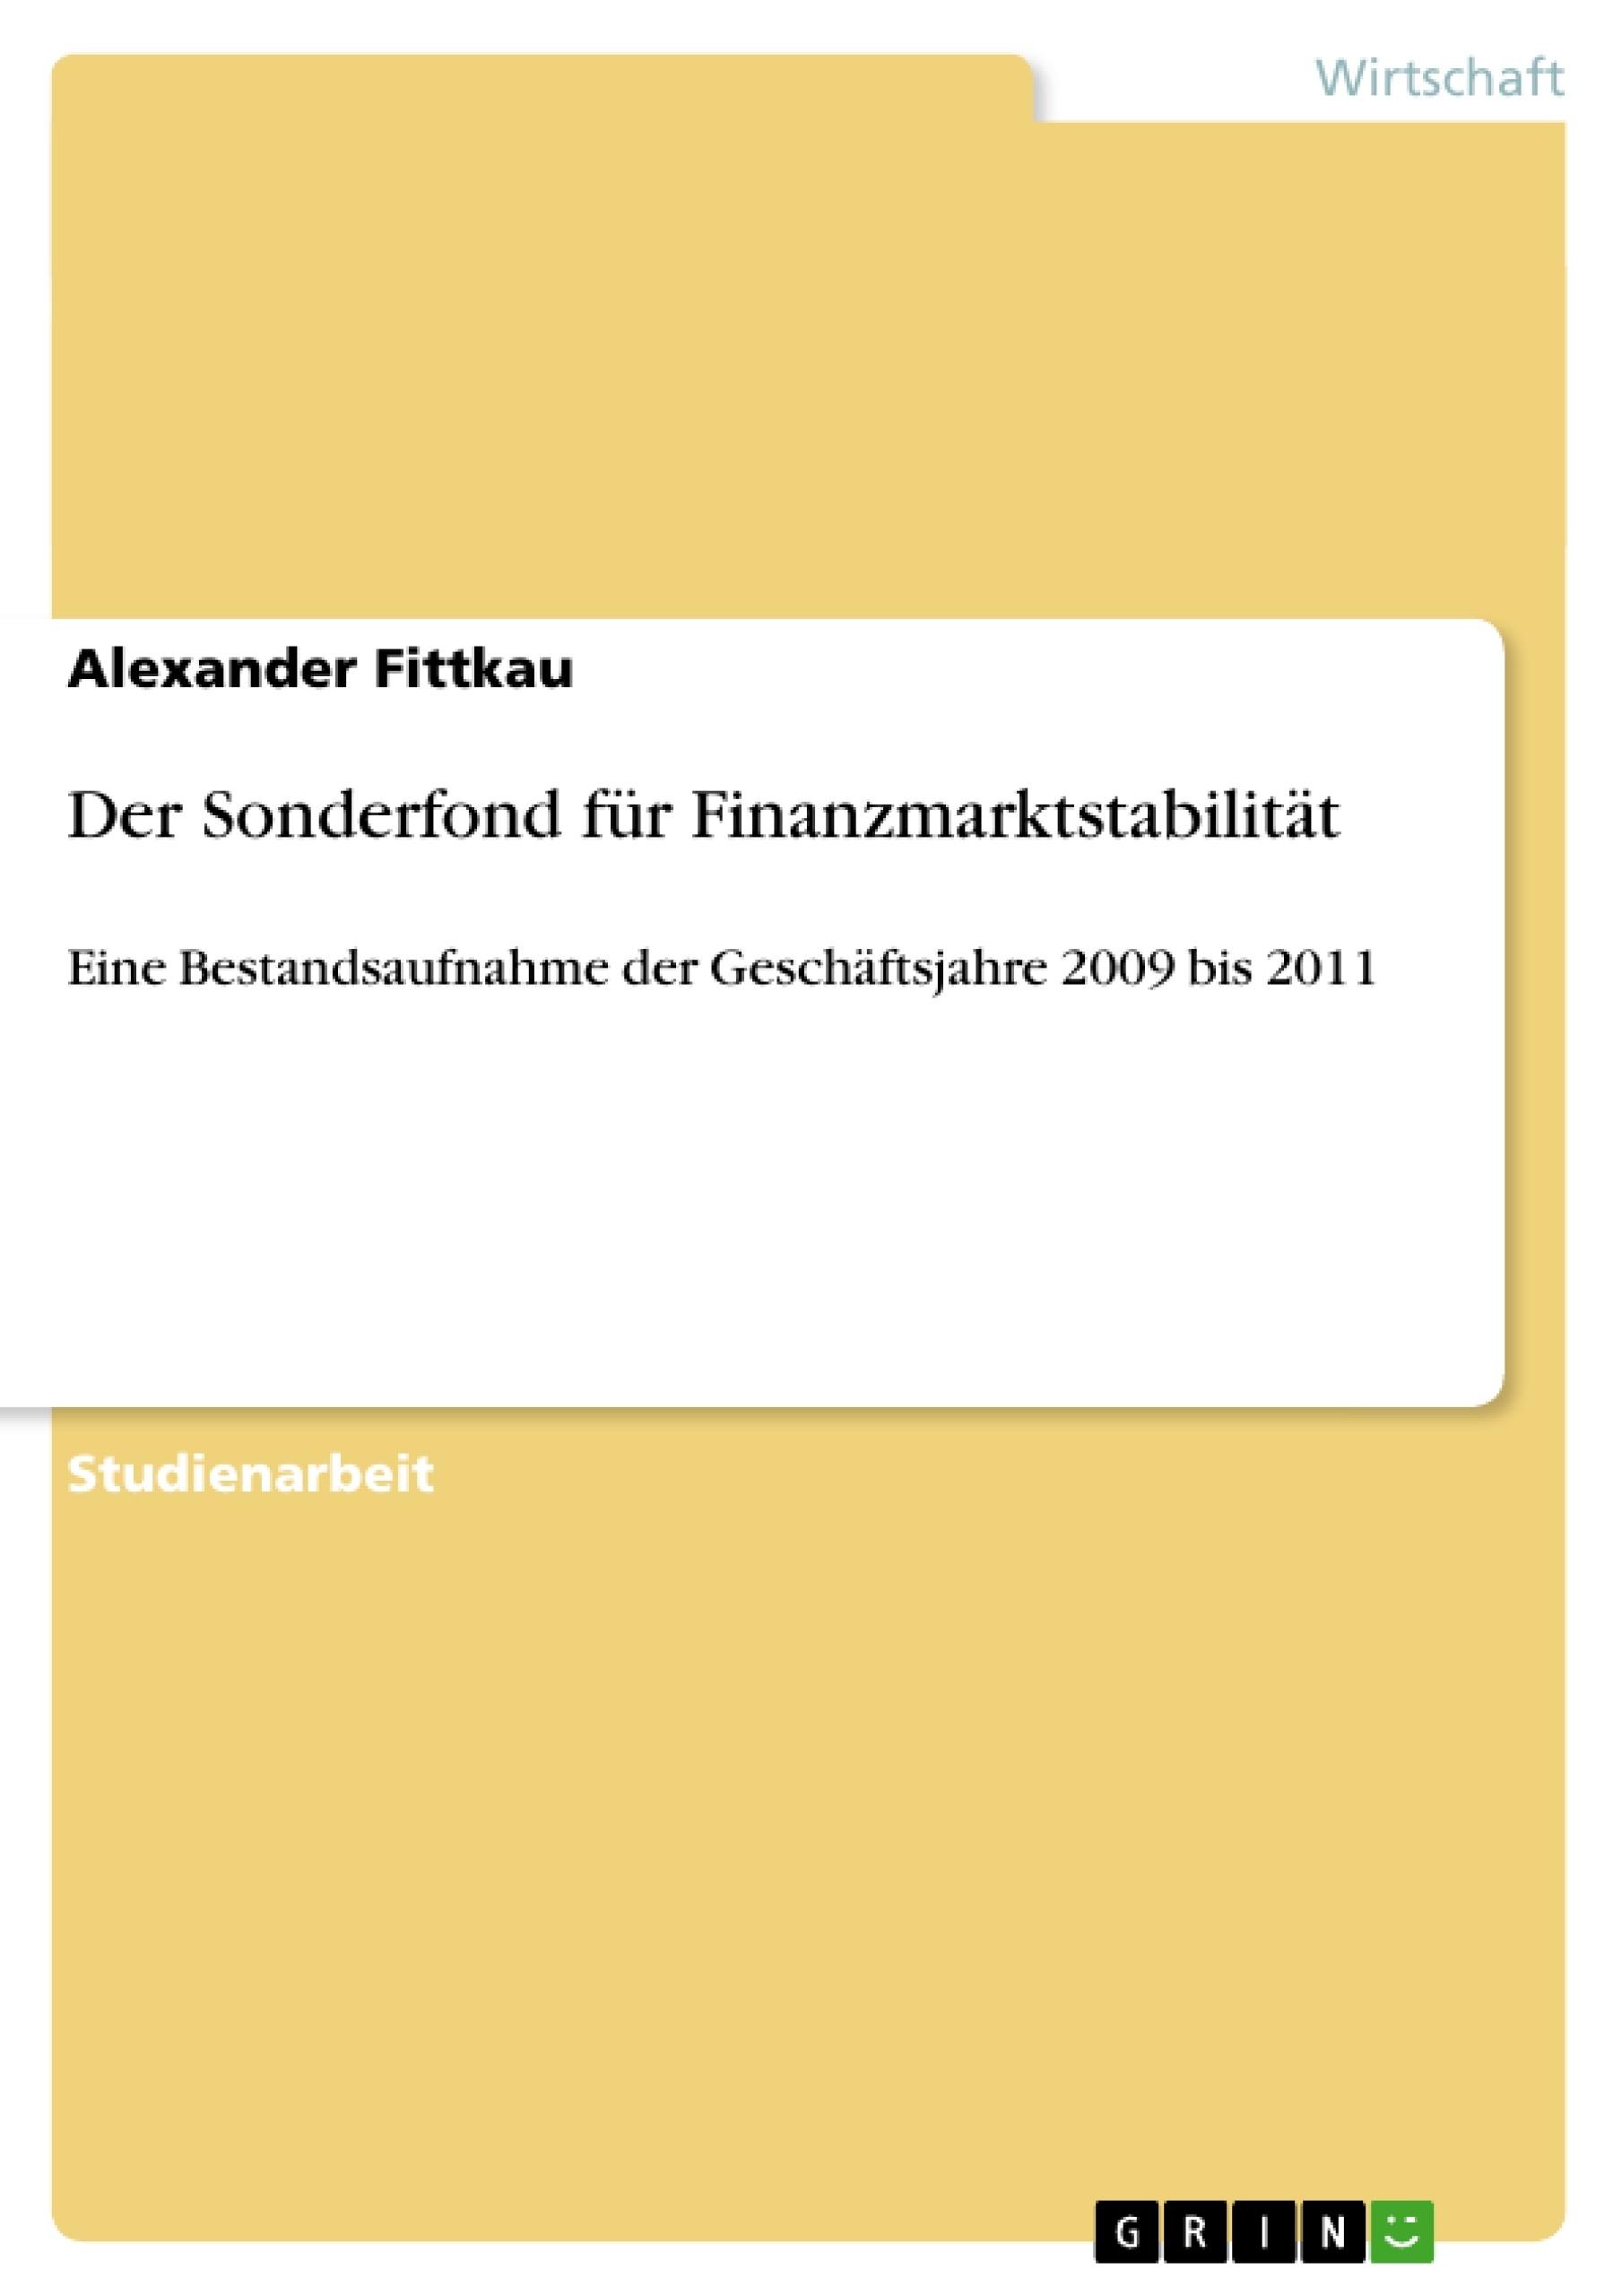 Titel: Der Sonderfond für Finanzmarktstabilität